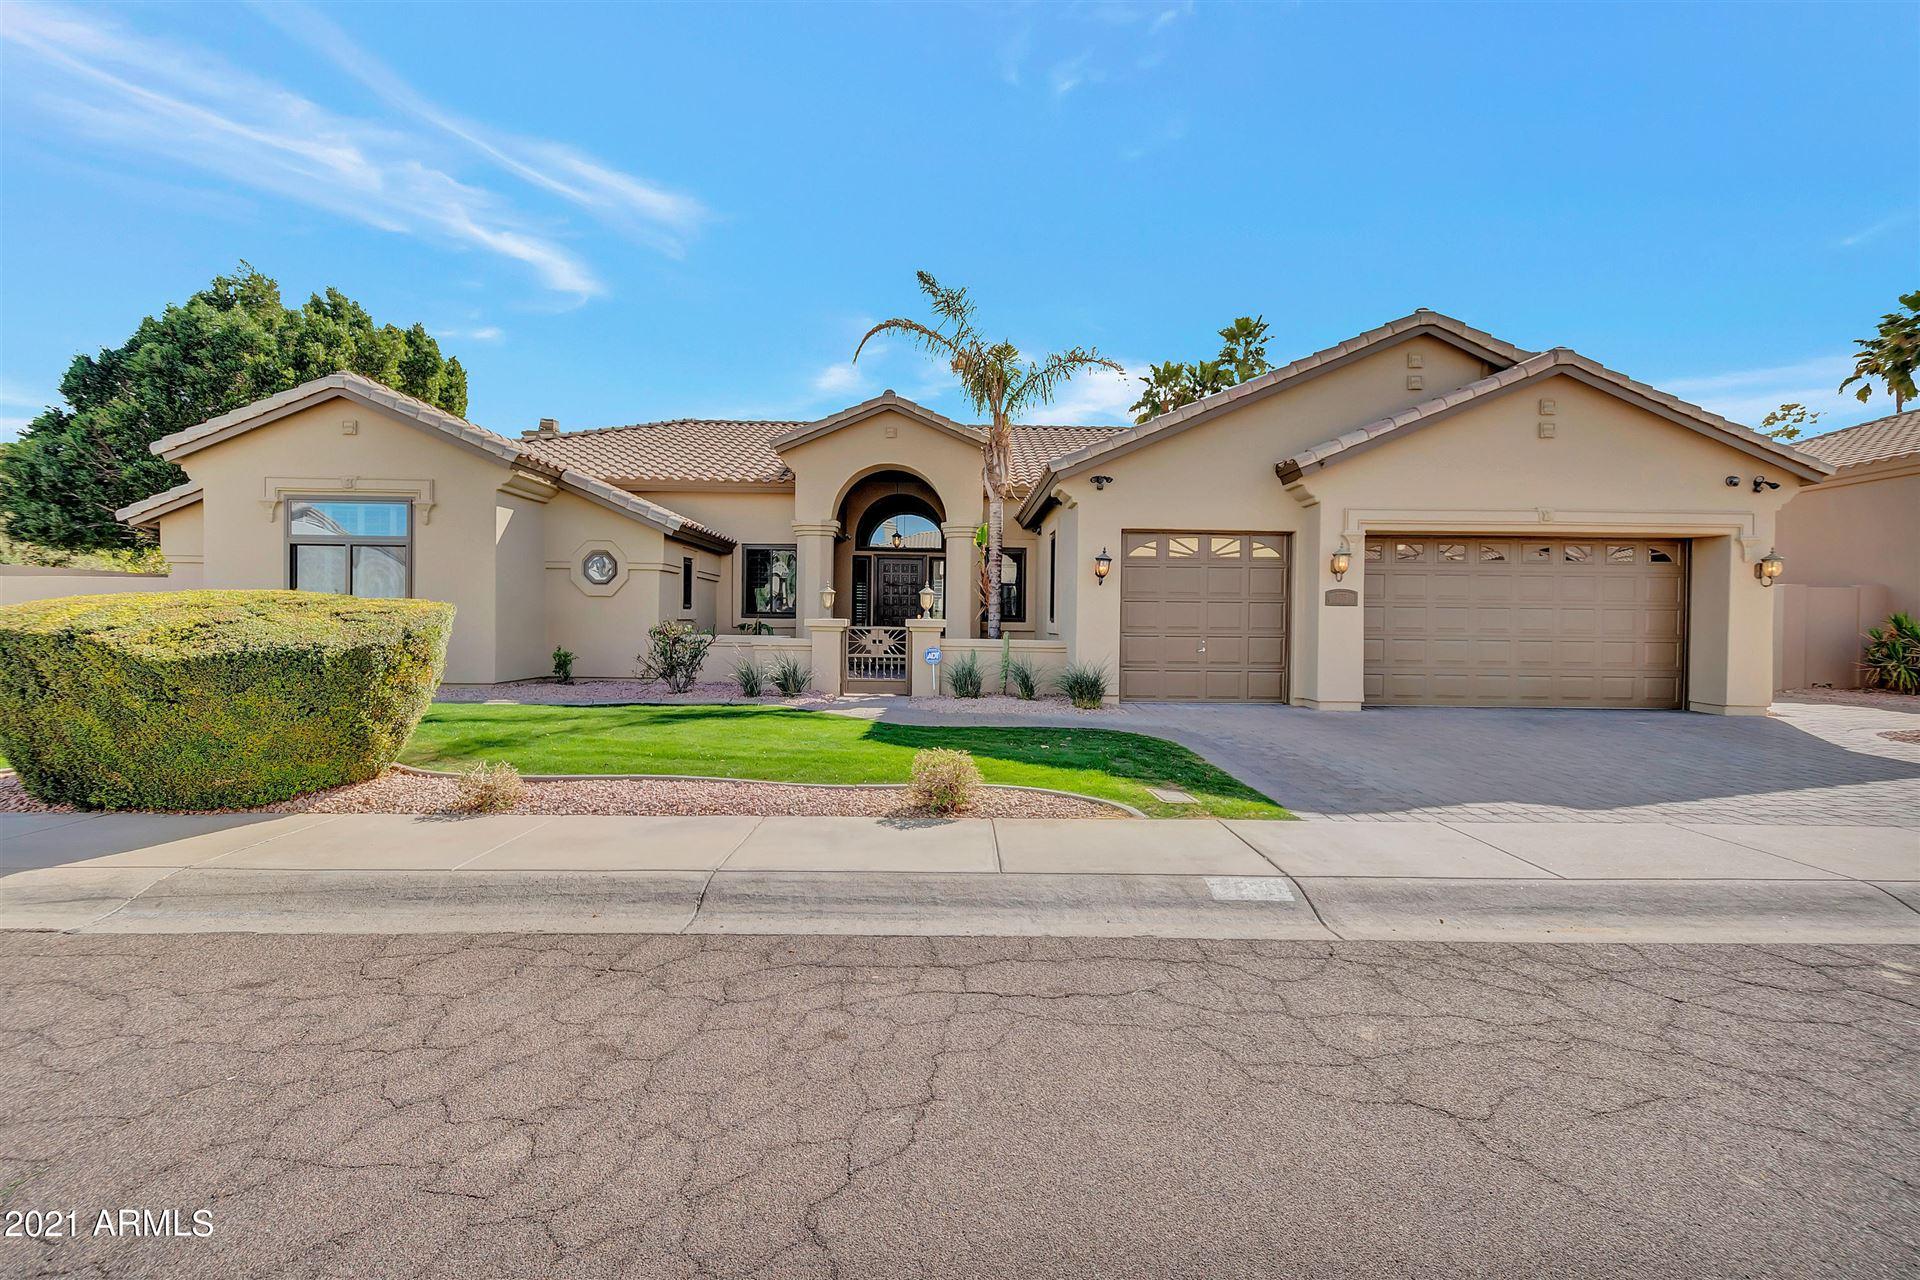 3039 E ROCK WREN Road, Phoenix, AZ 85048 - MLS#: 6195755